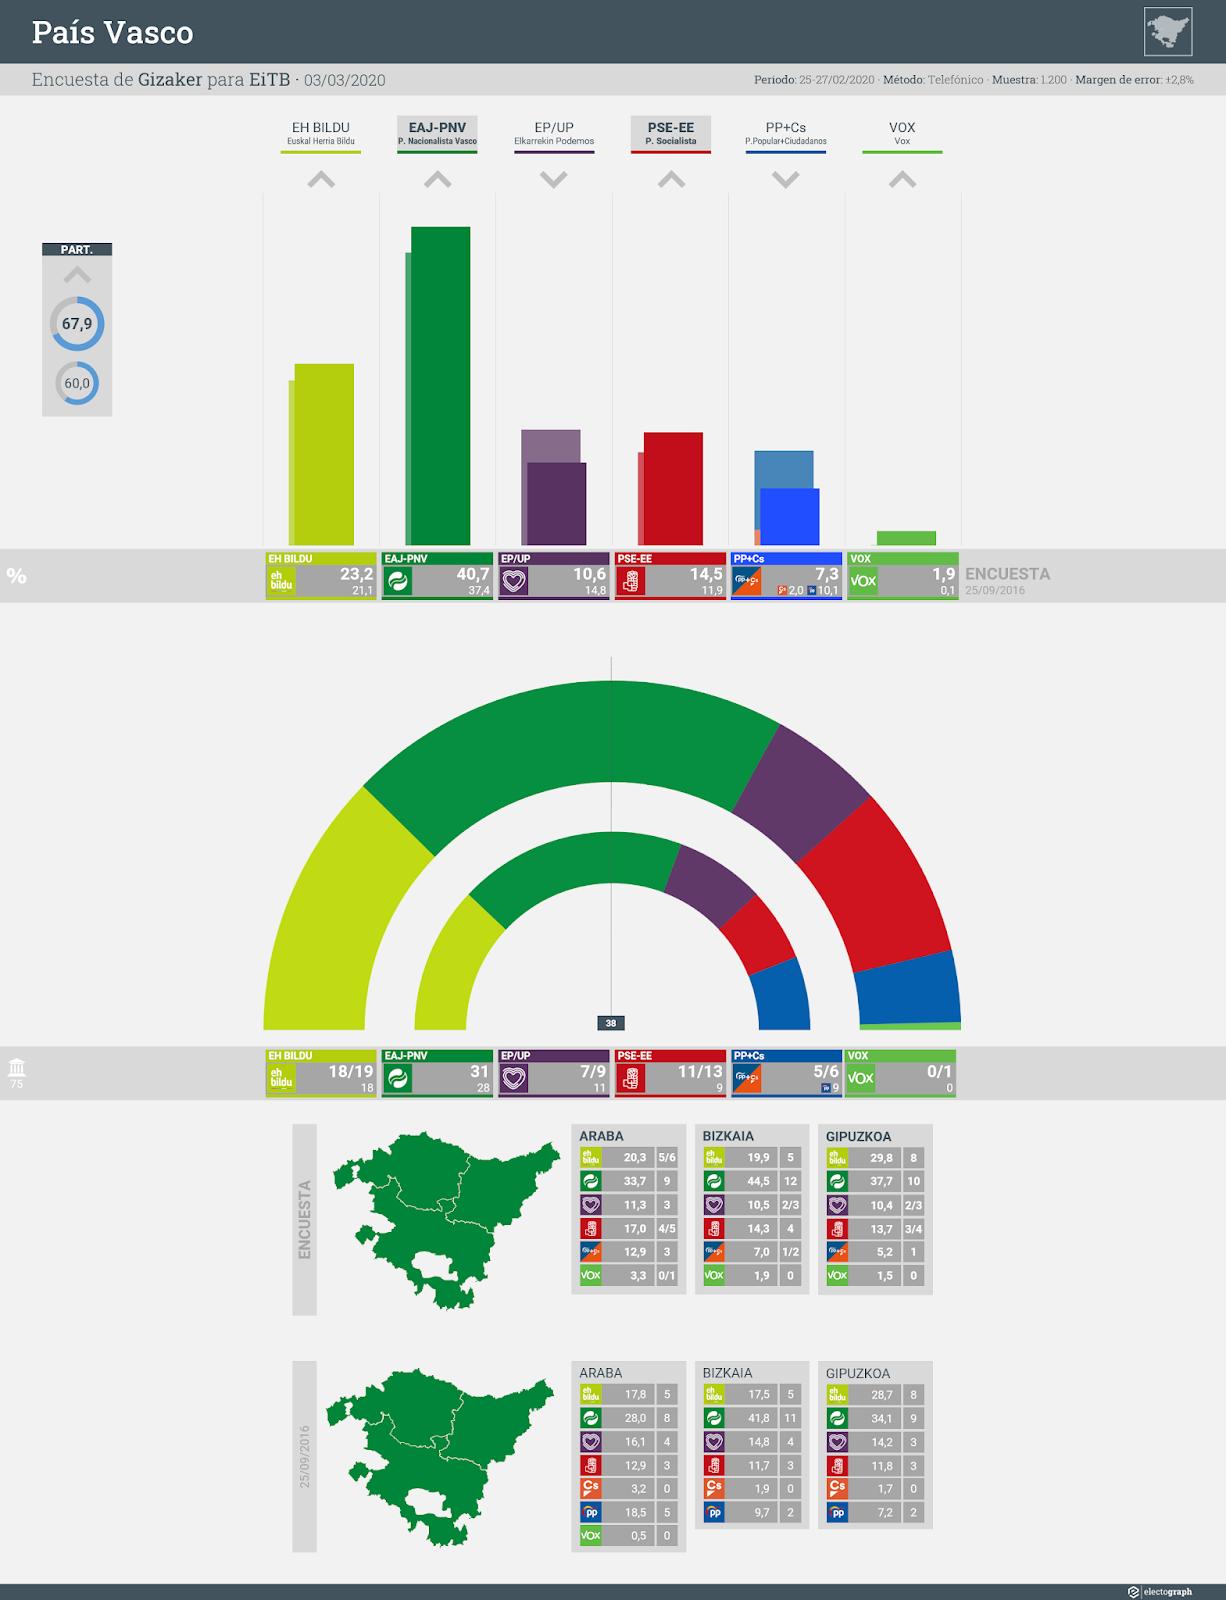 Gráfico de la encuesta para elecciones autonómicas en el País Vasco realizada por Gizaker para EiTB, 3 de marzo de 2020